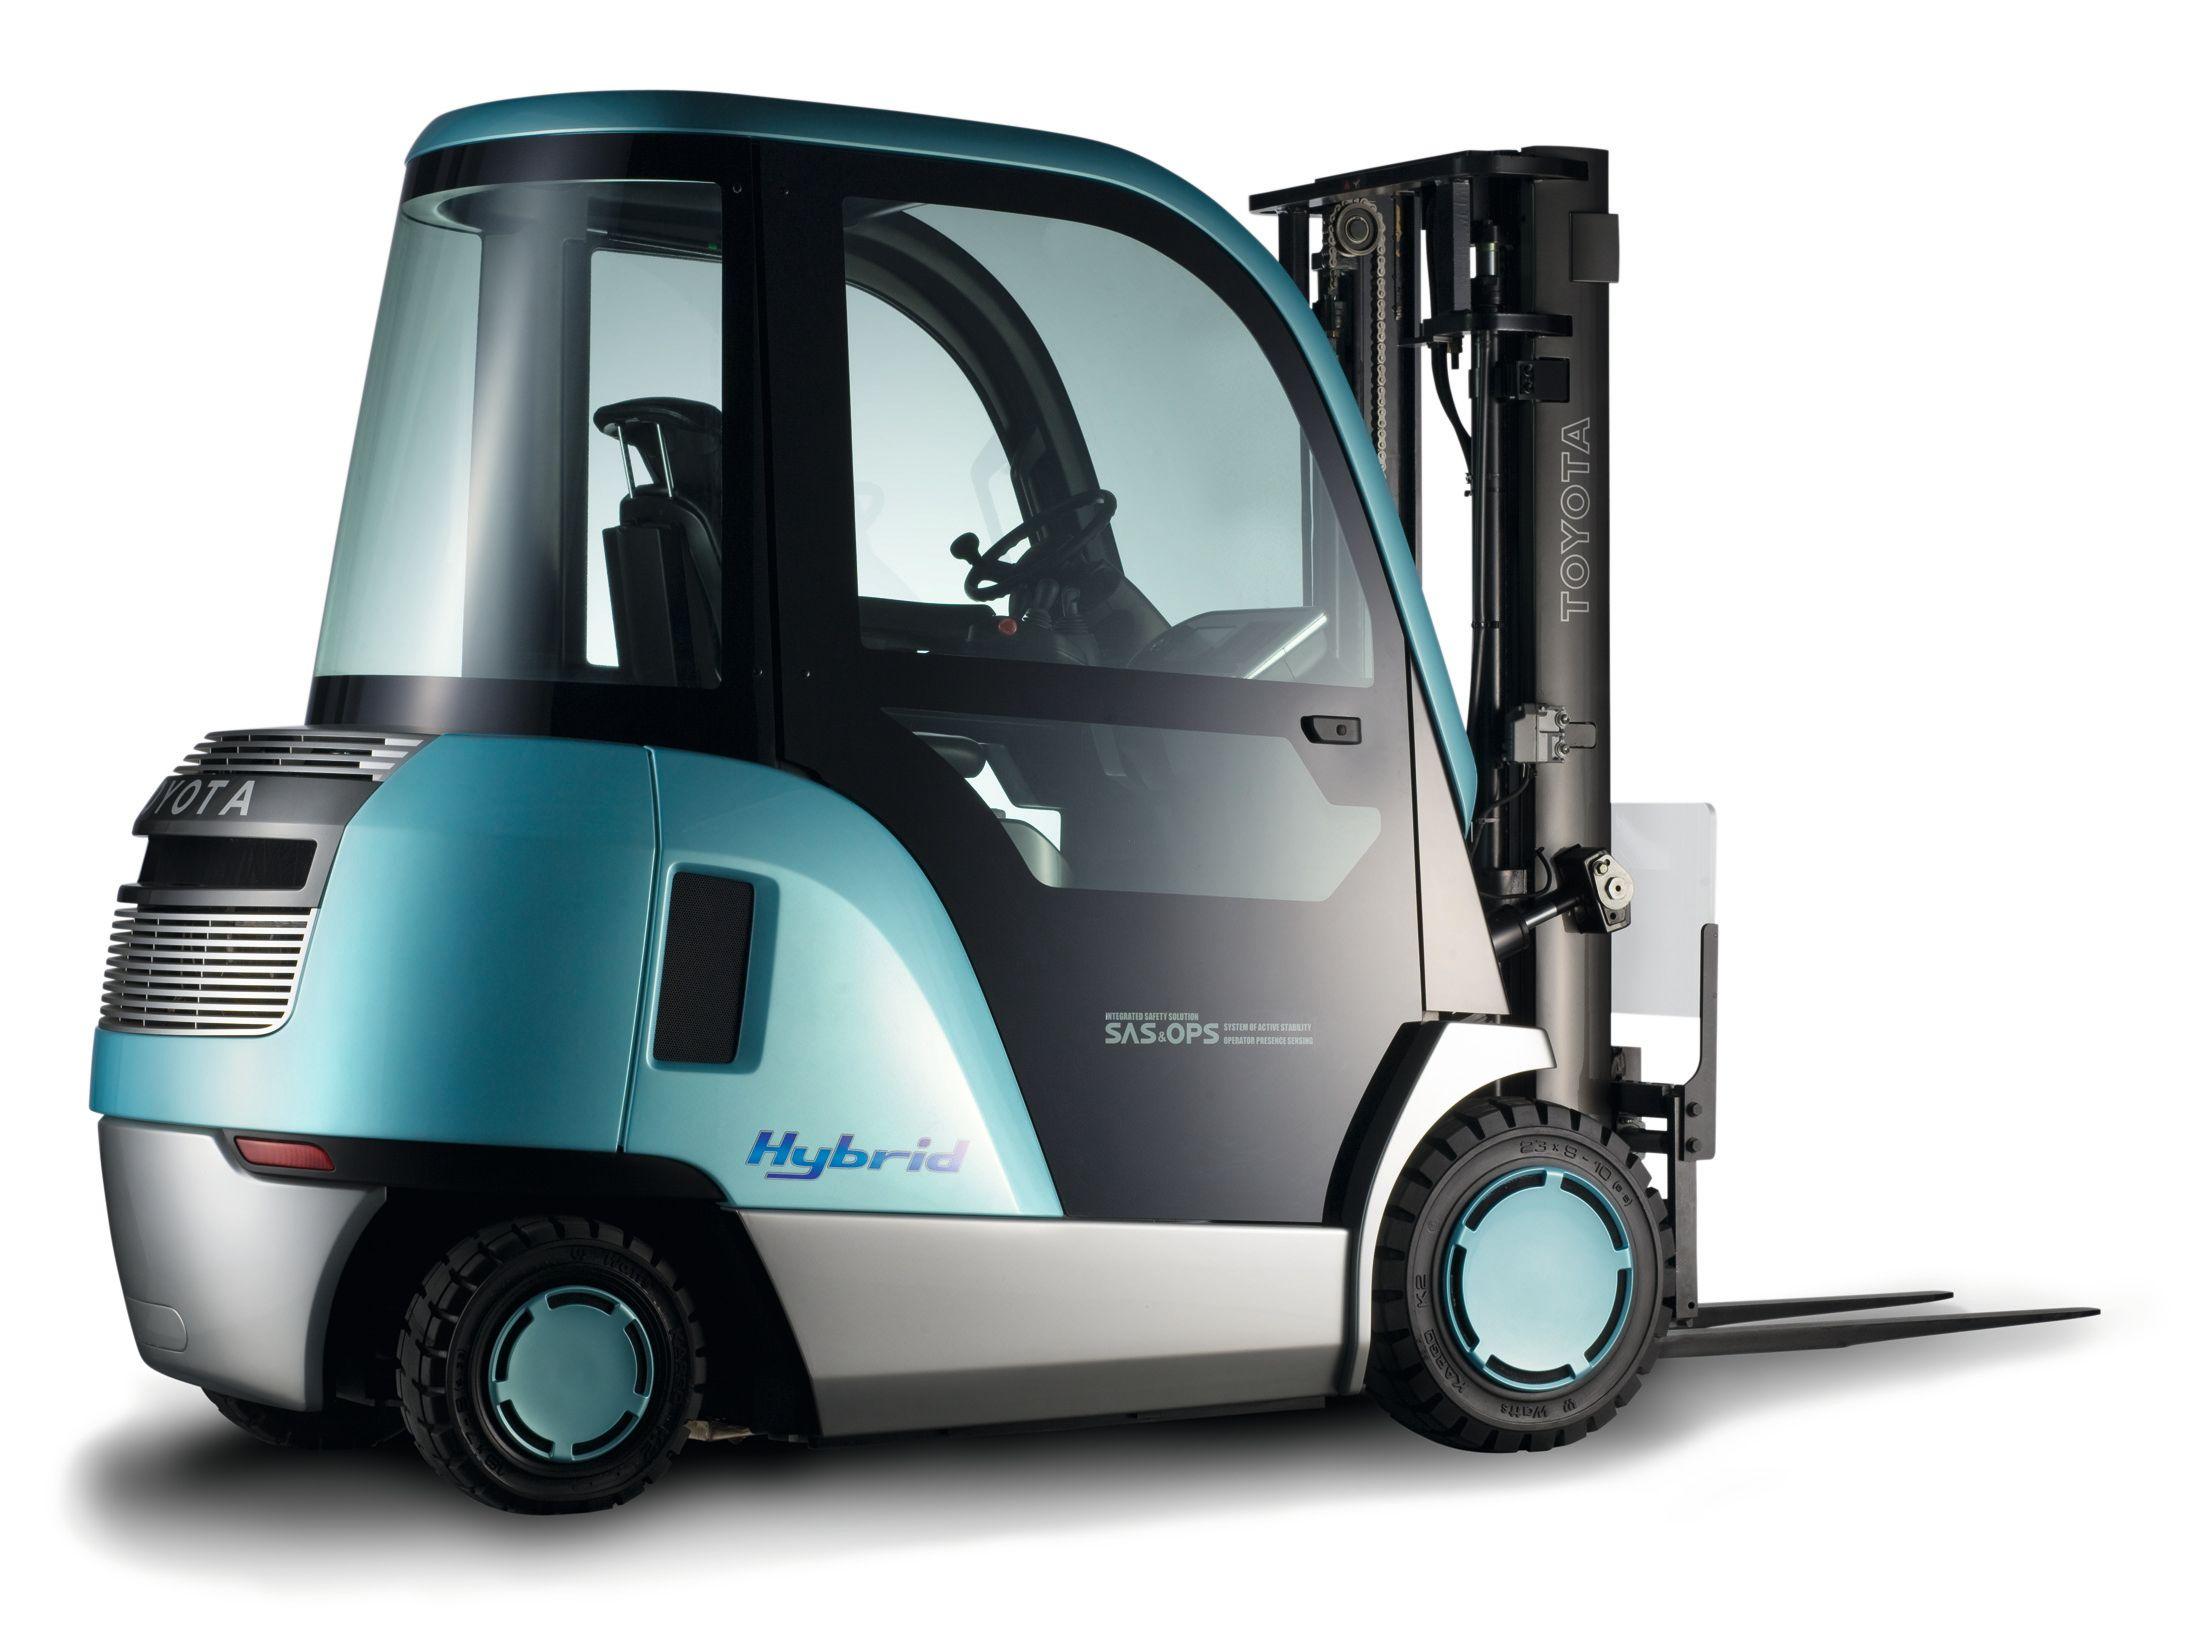 Toyota Hybrid Forklift Truck Design Toyota Hybrid Toyota